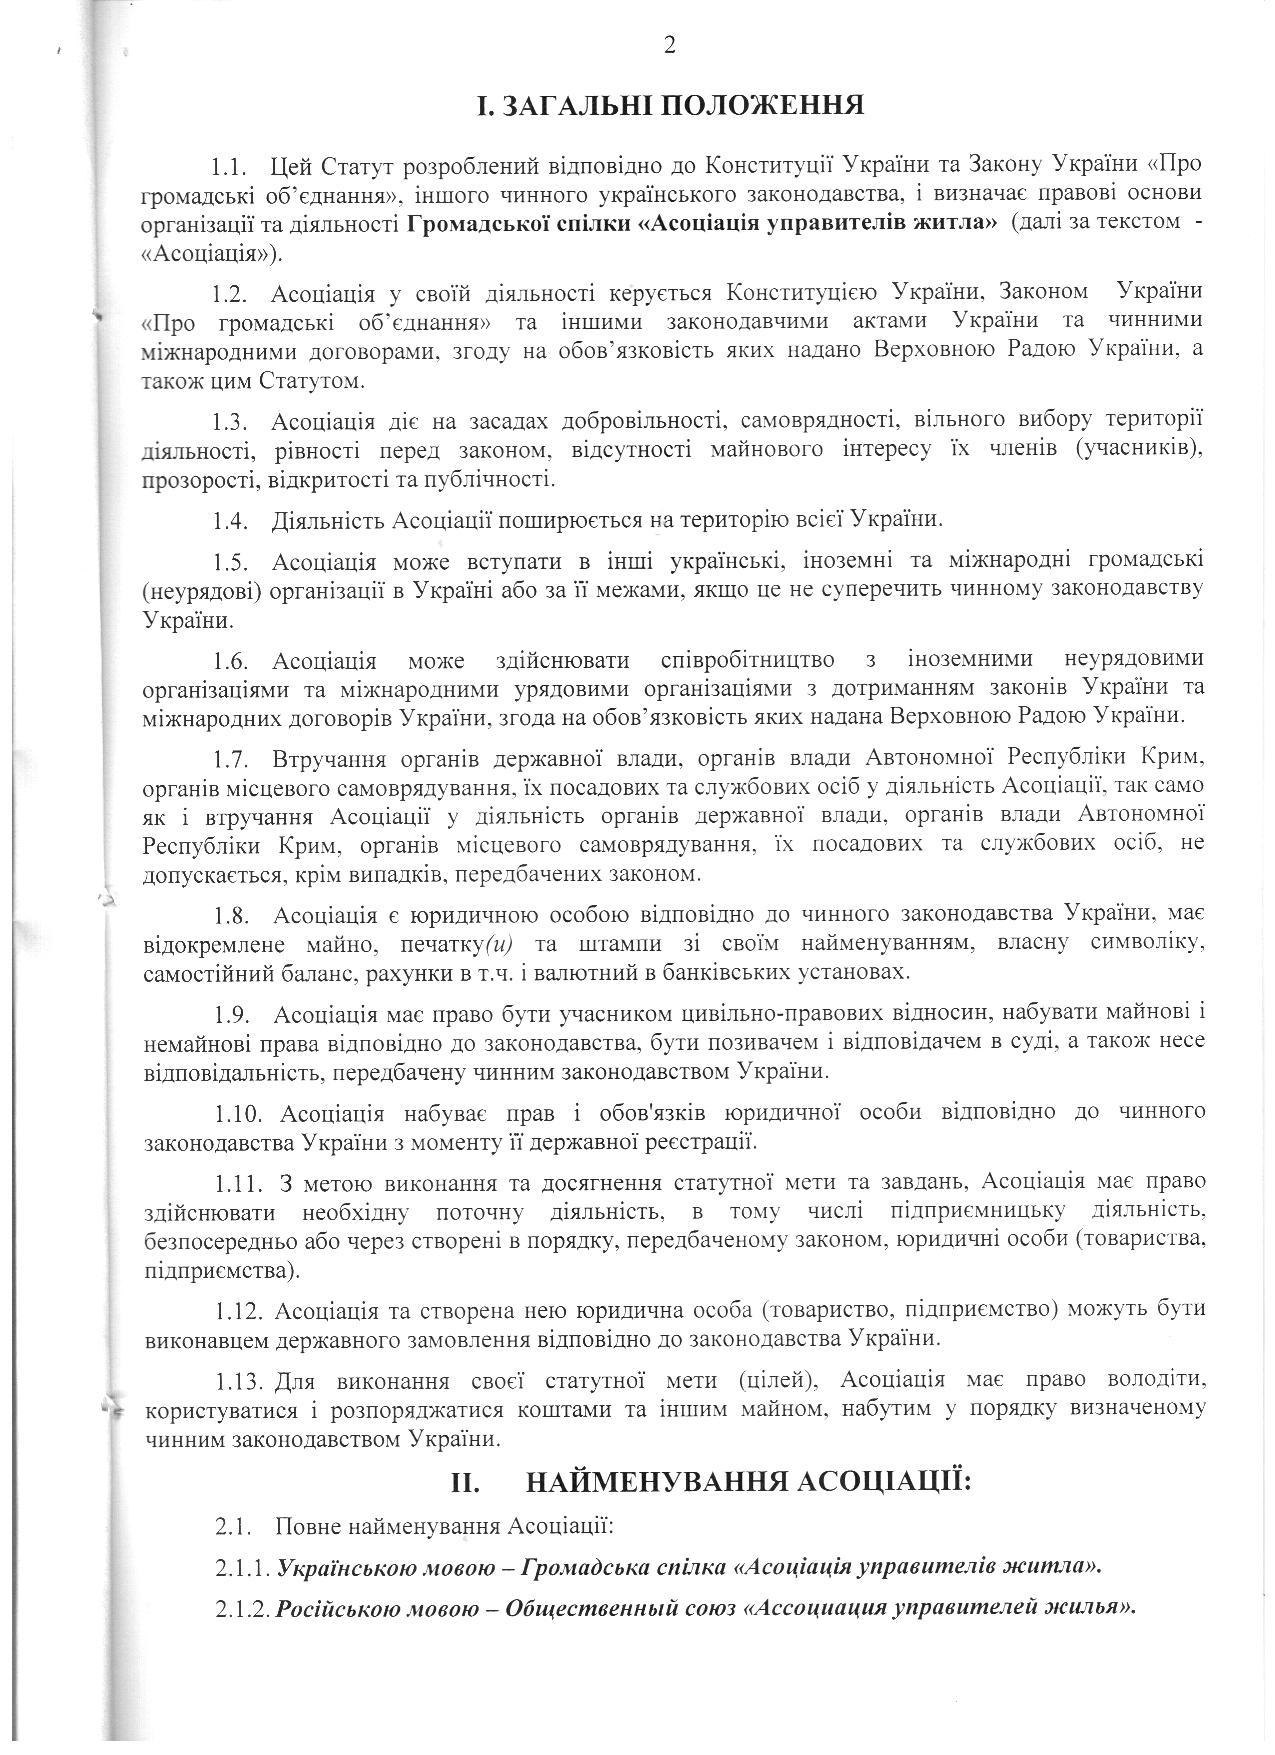 Статут Гром. сп_лки Асоц_ац_я управител_в житла 002